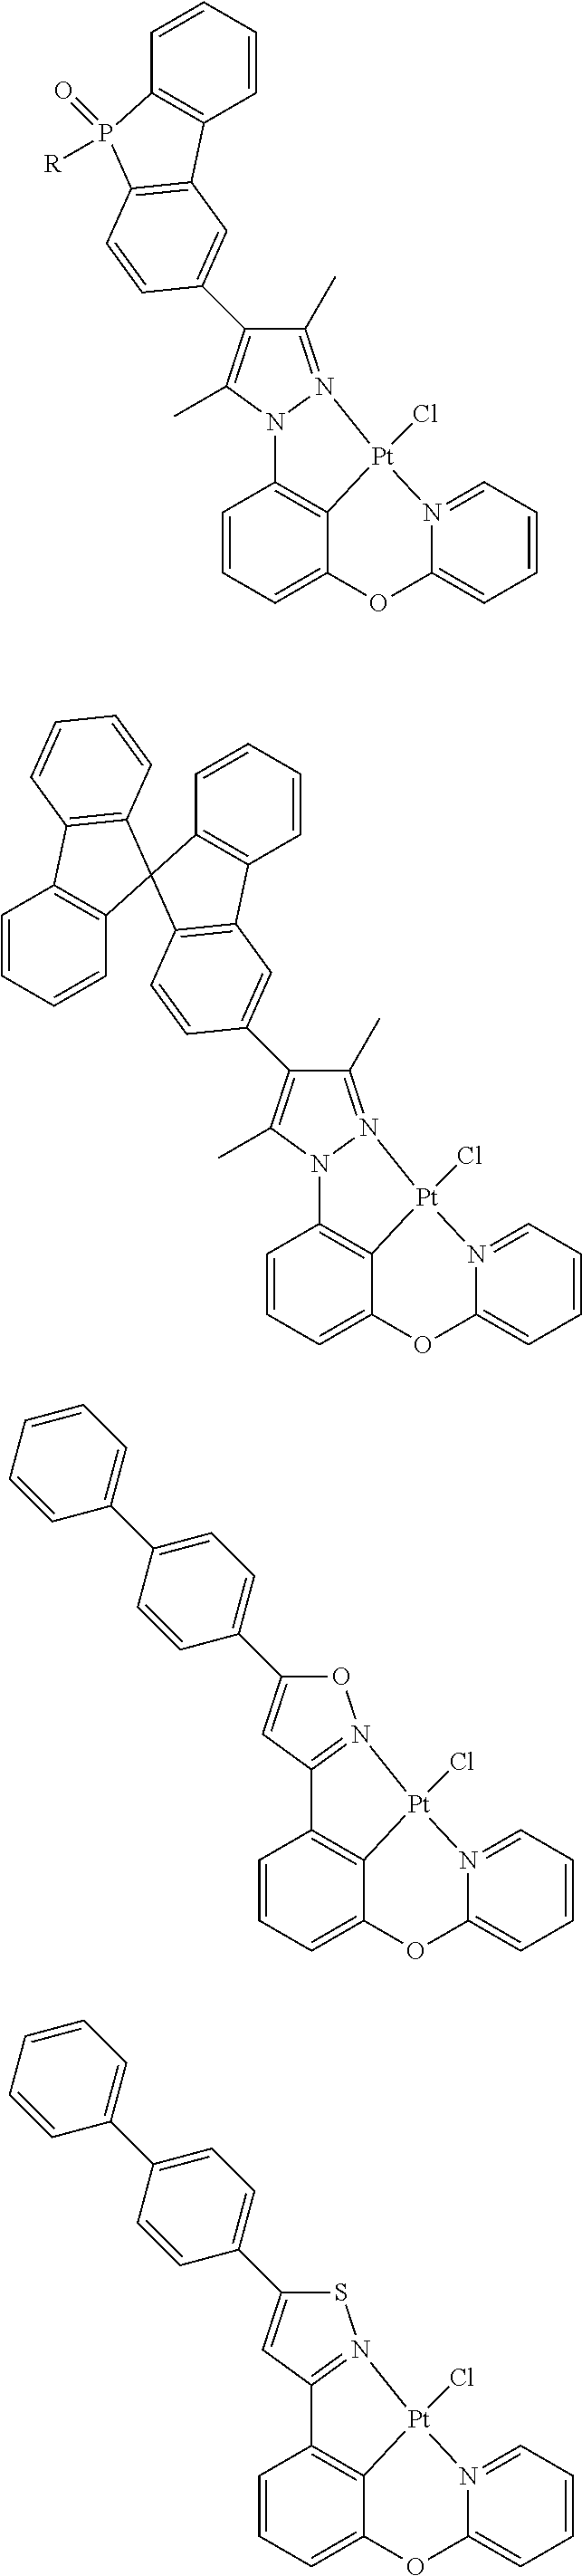 Figure US09818959-20171114-C00133